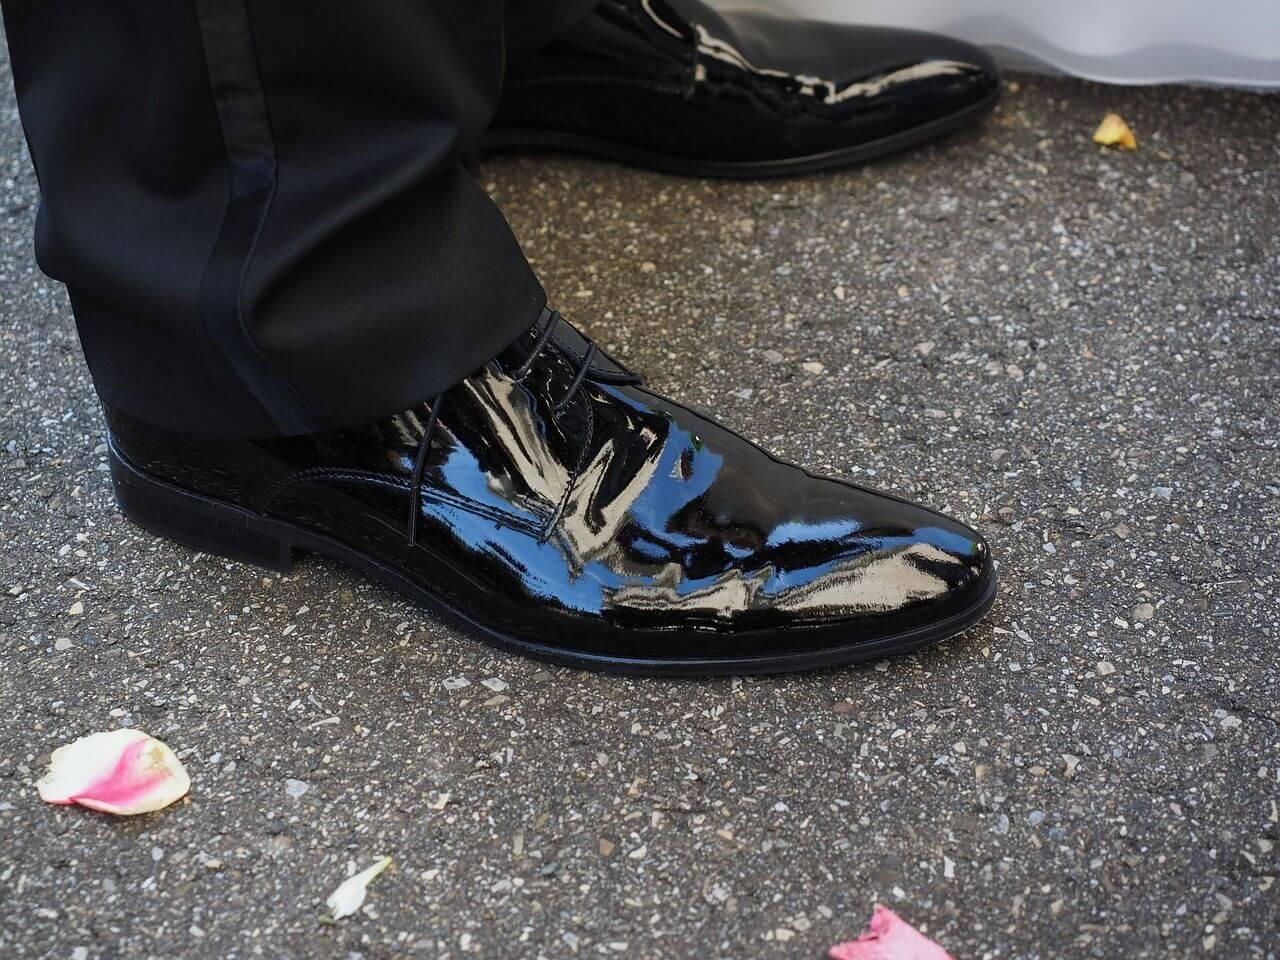 Welke kleur schoenen bij welk pak?